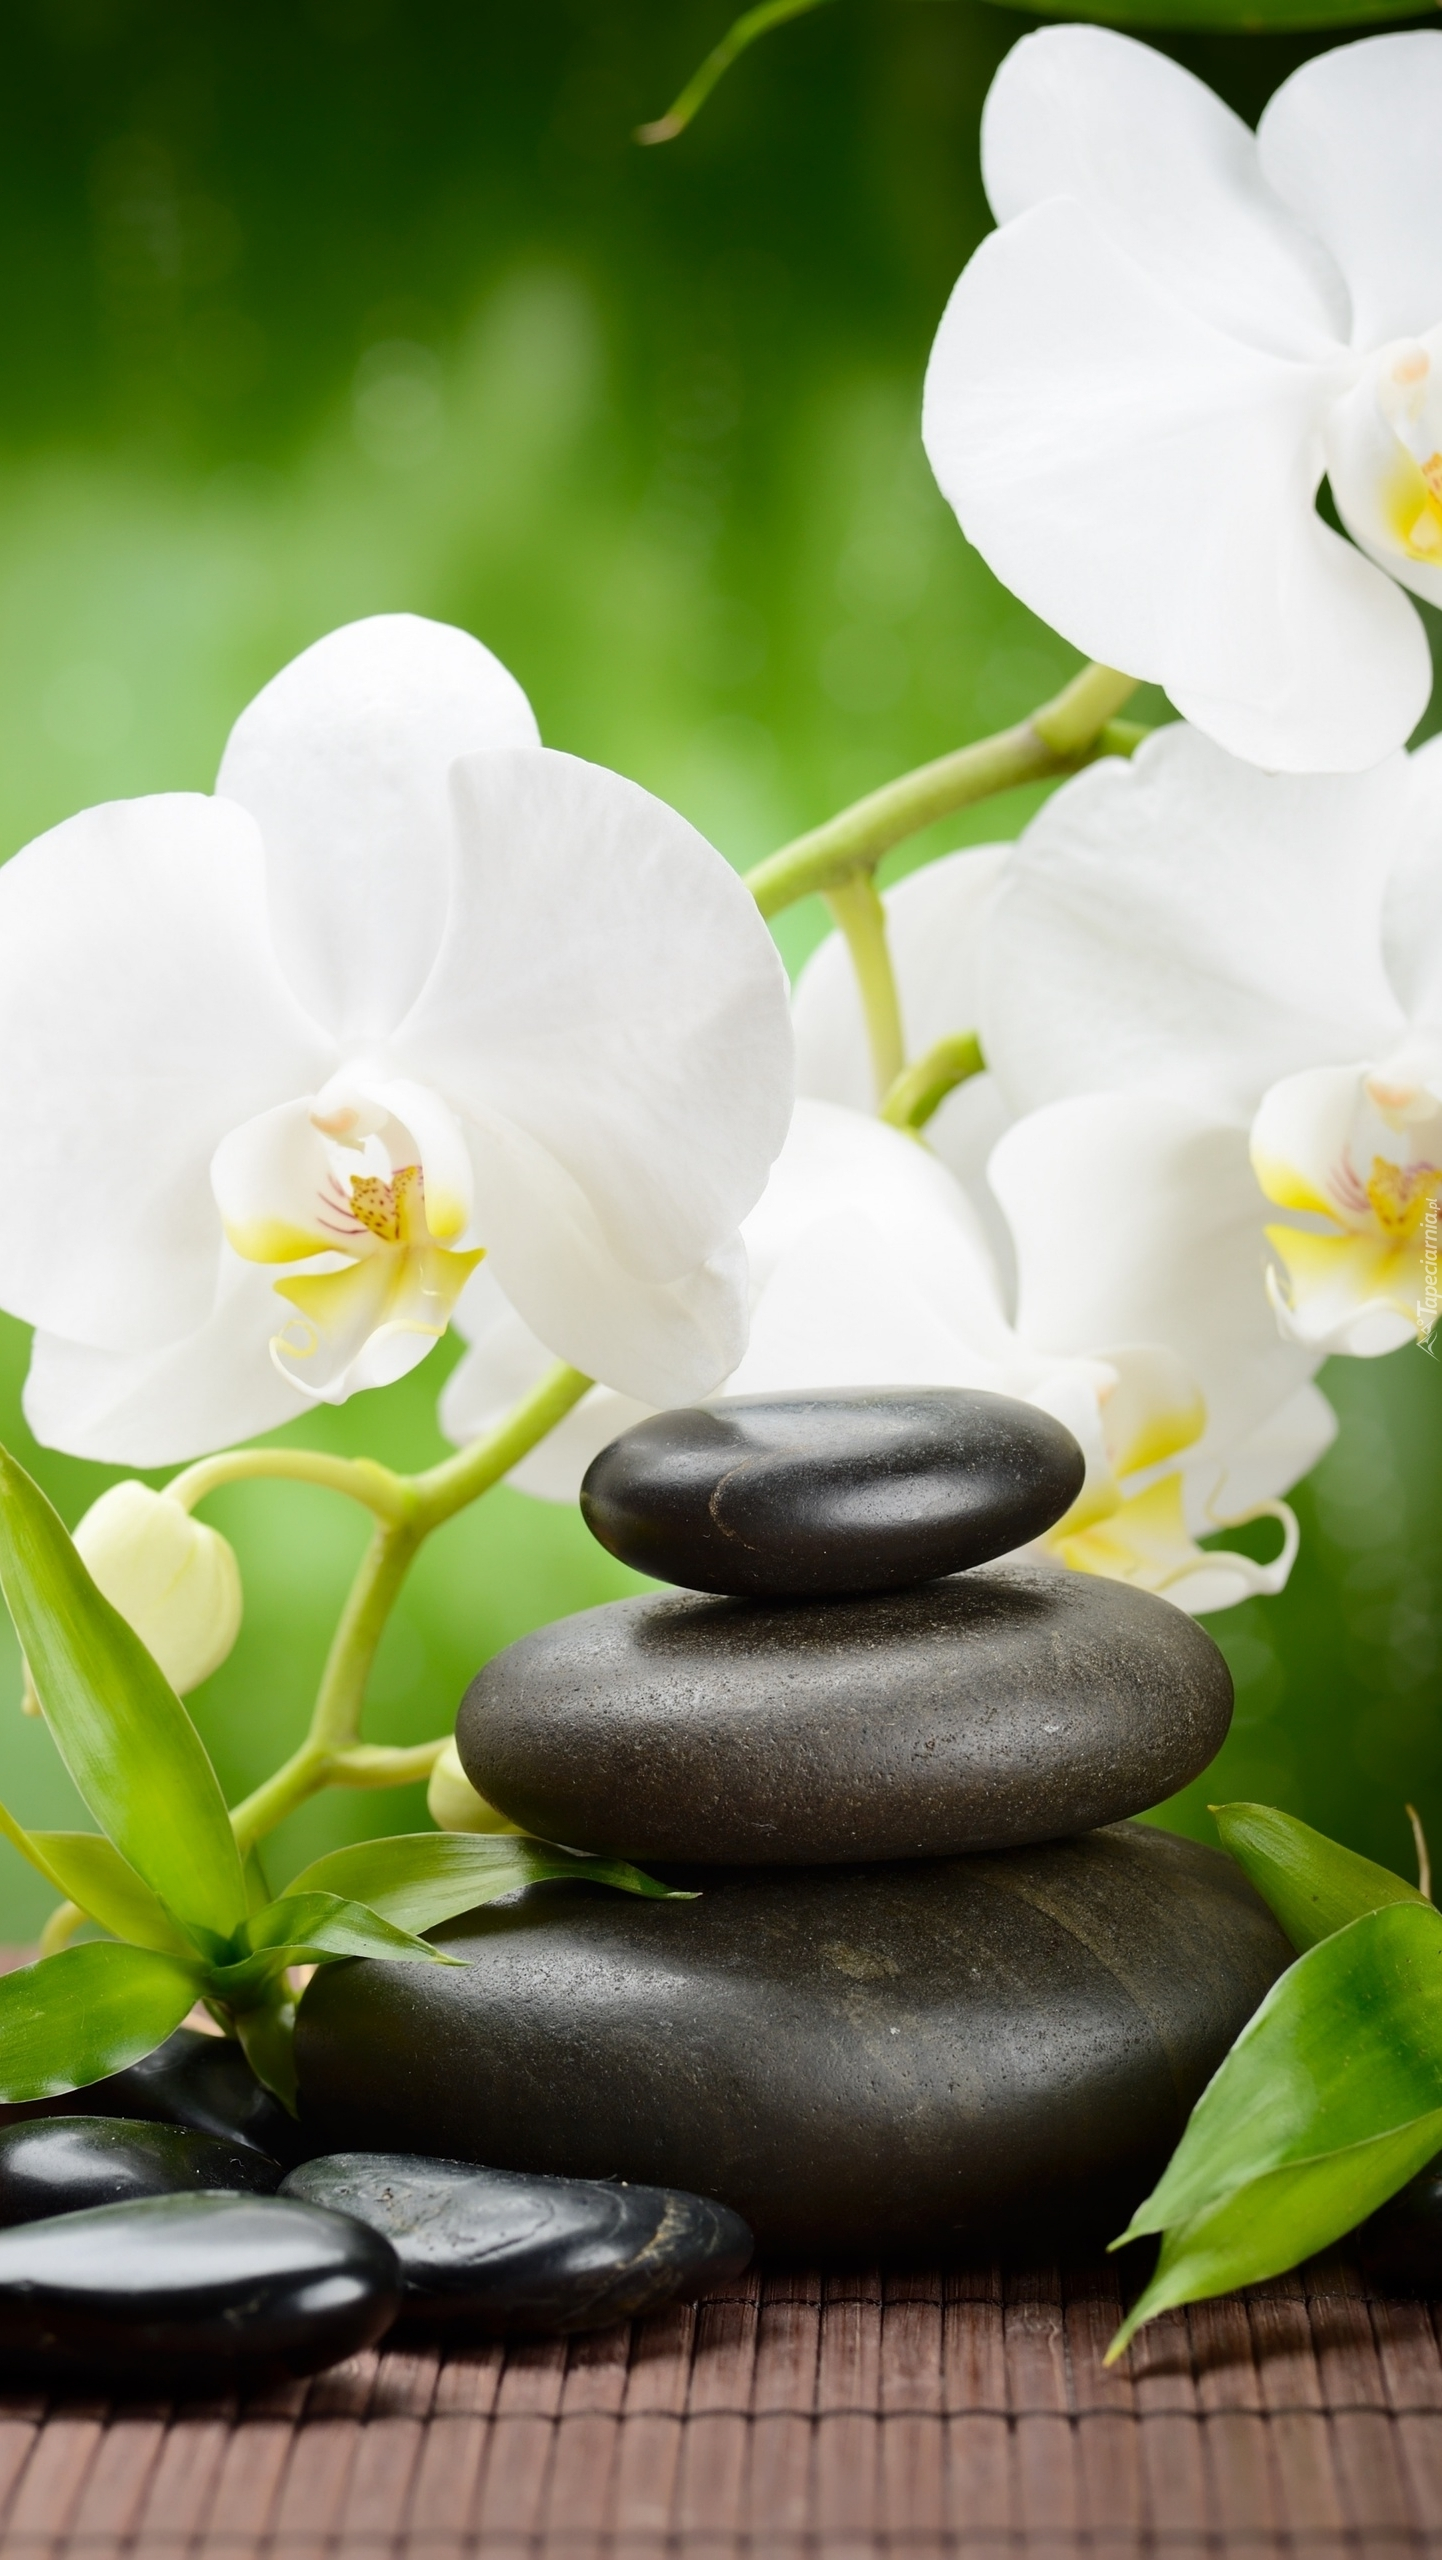 Białe storczyki obok kamieni